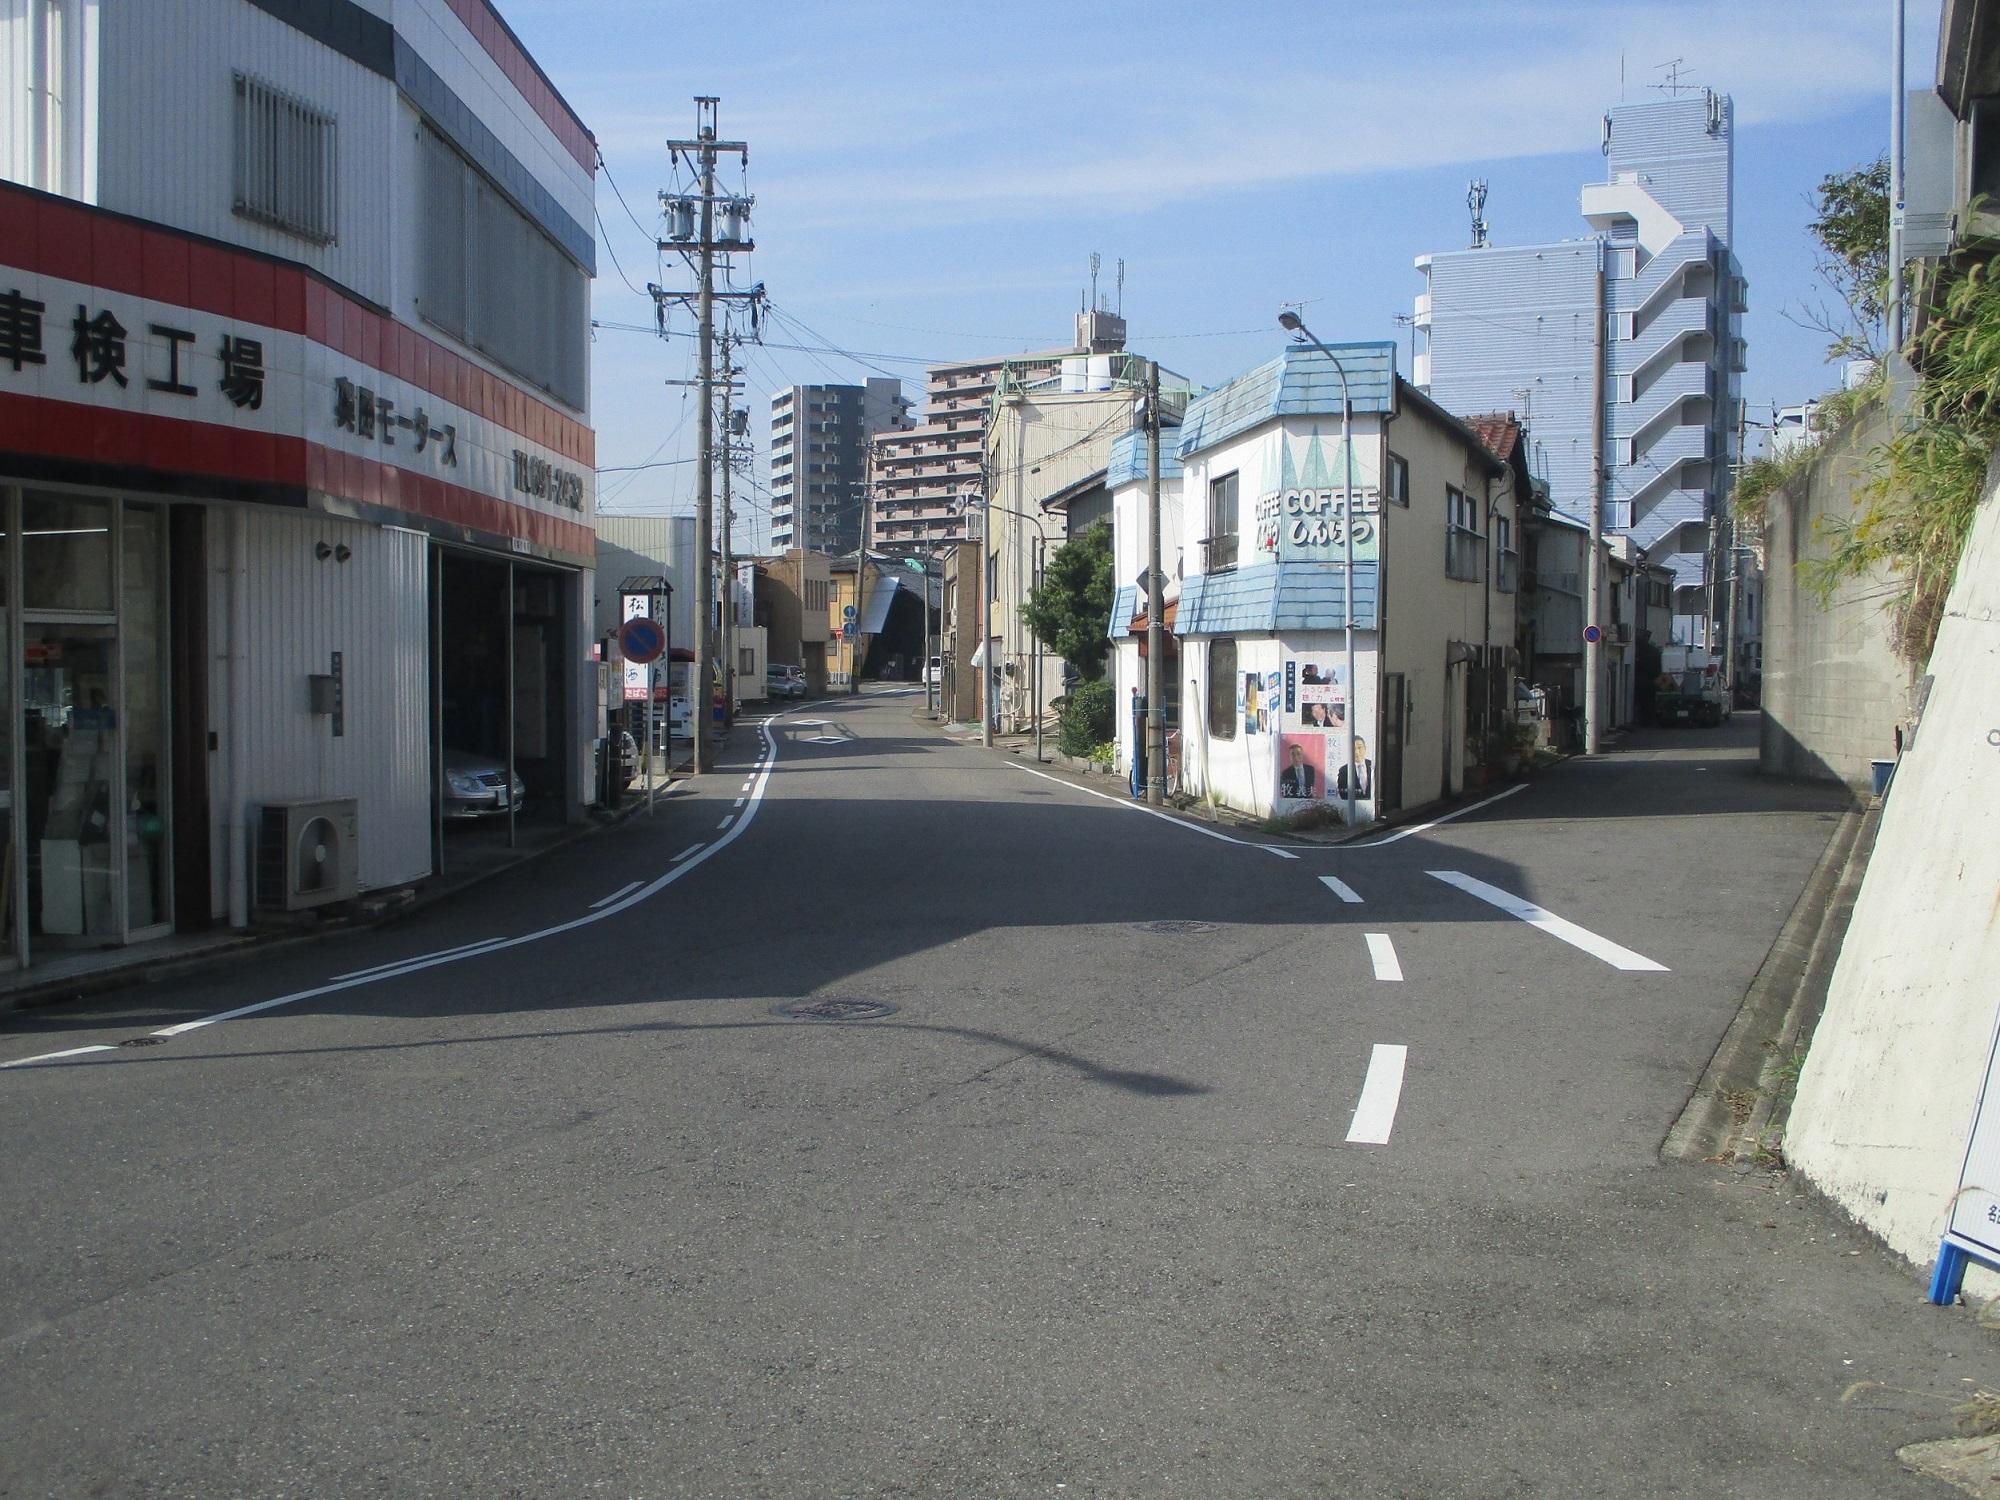 2019.10.31 (14) 東海道 - 東海道線ふみきりにしのふたまた 2000-1500